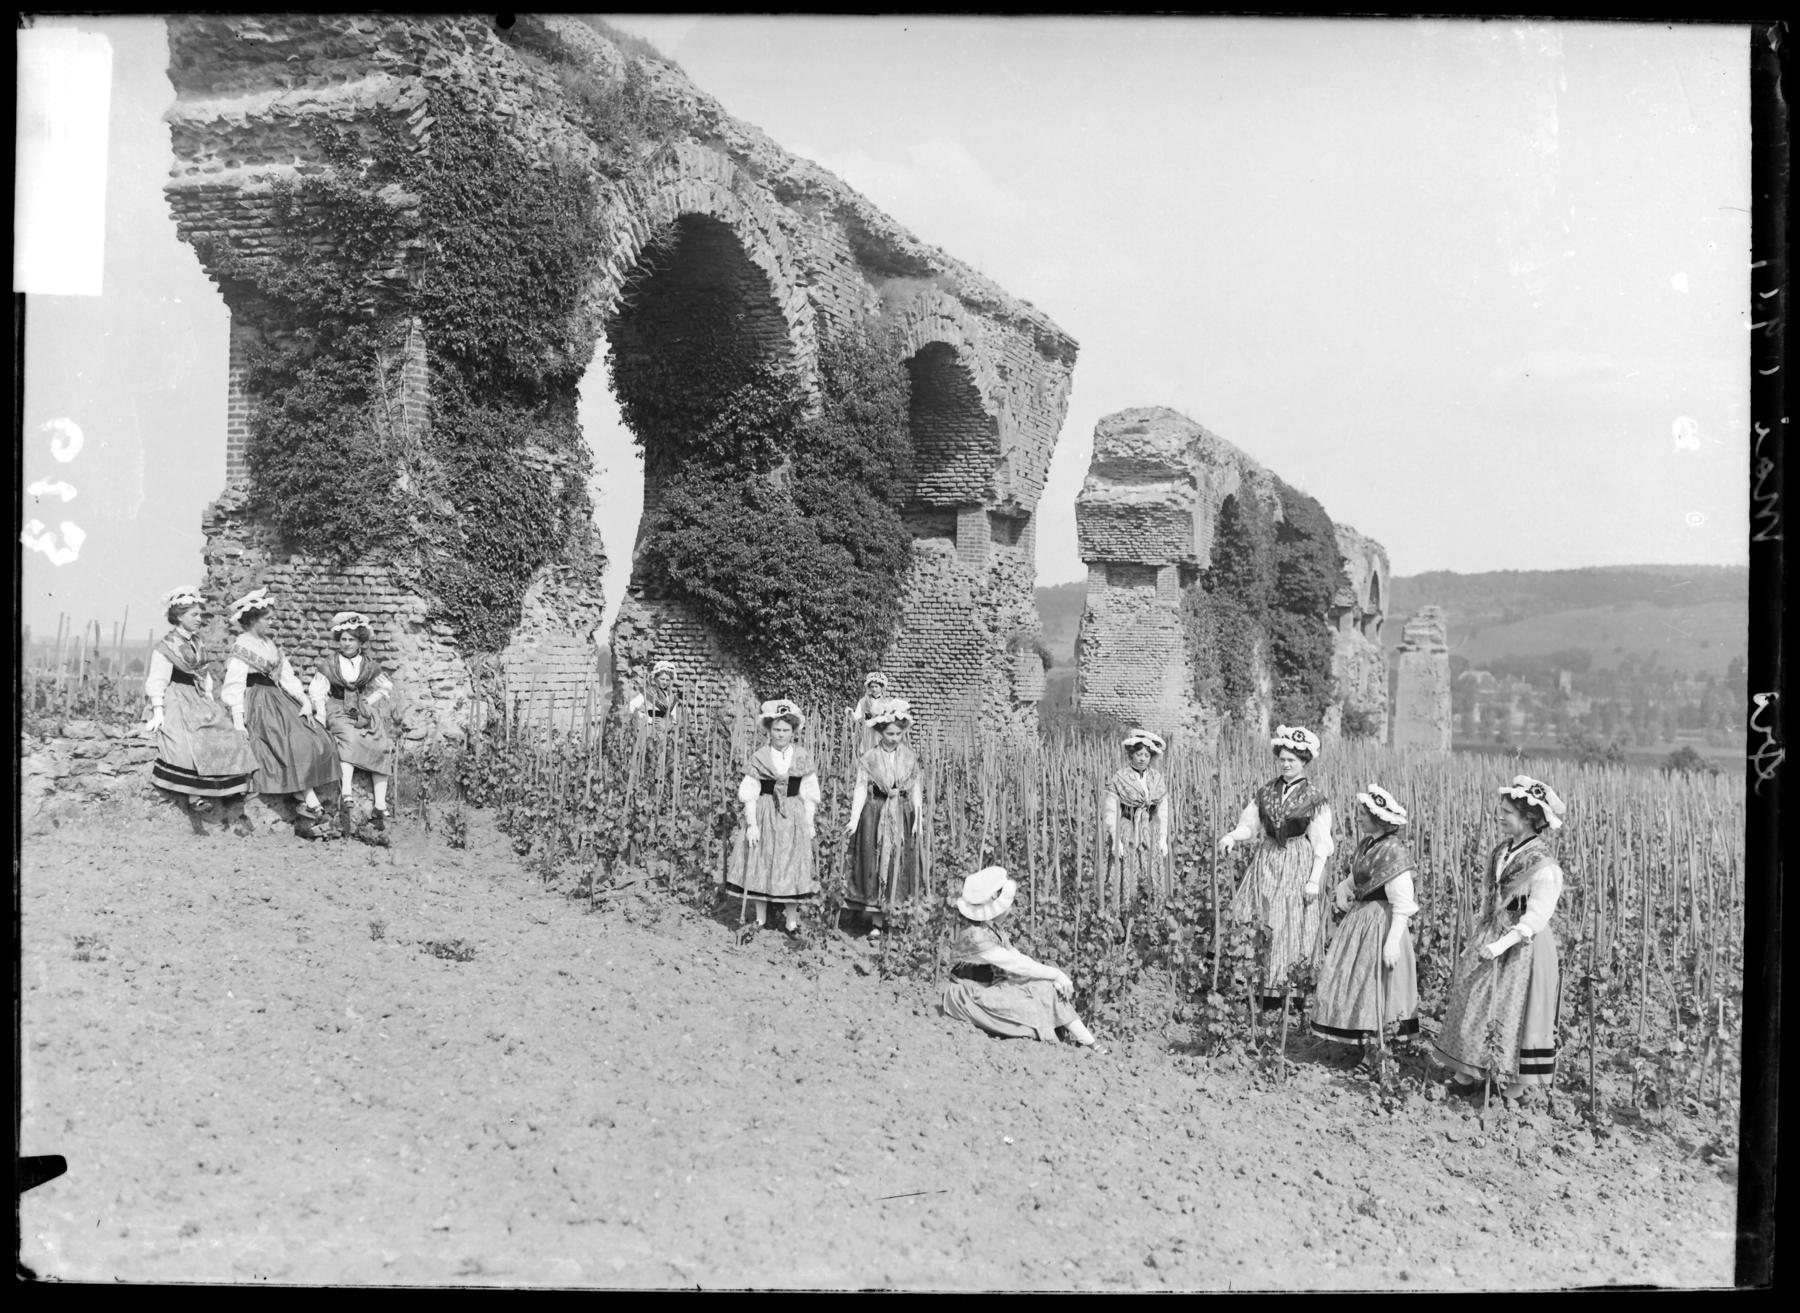 Contenu du Petites lorraines posant dans les vignes près de l'aqueduc d'Ars-sur-Moselle